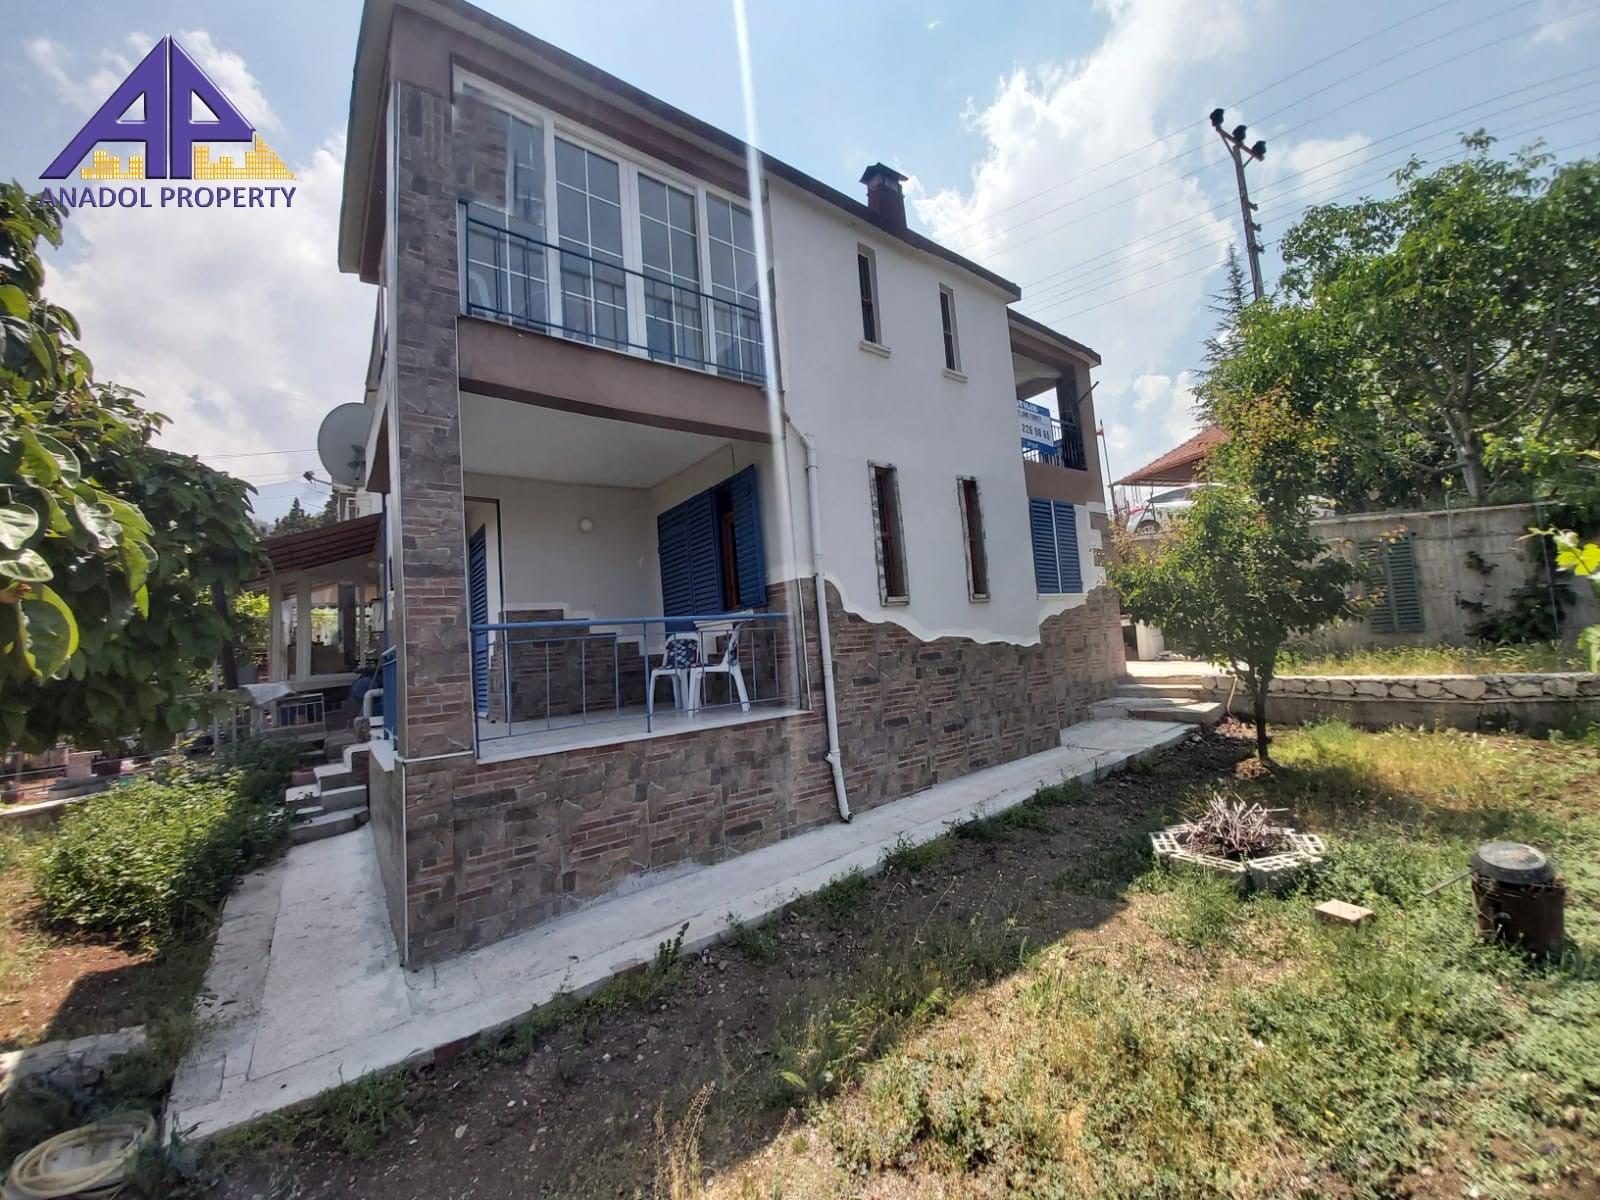 بيت مستقل للبيع في أنطاليا